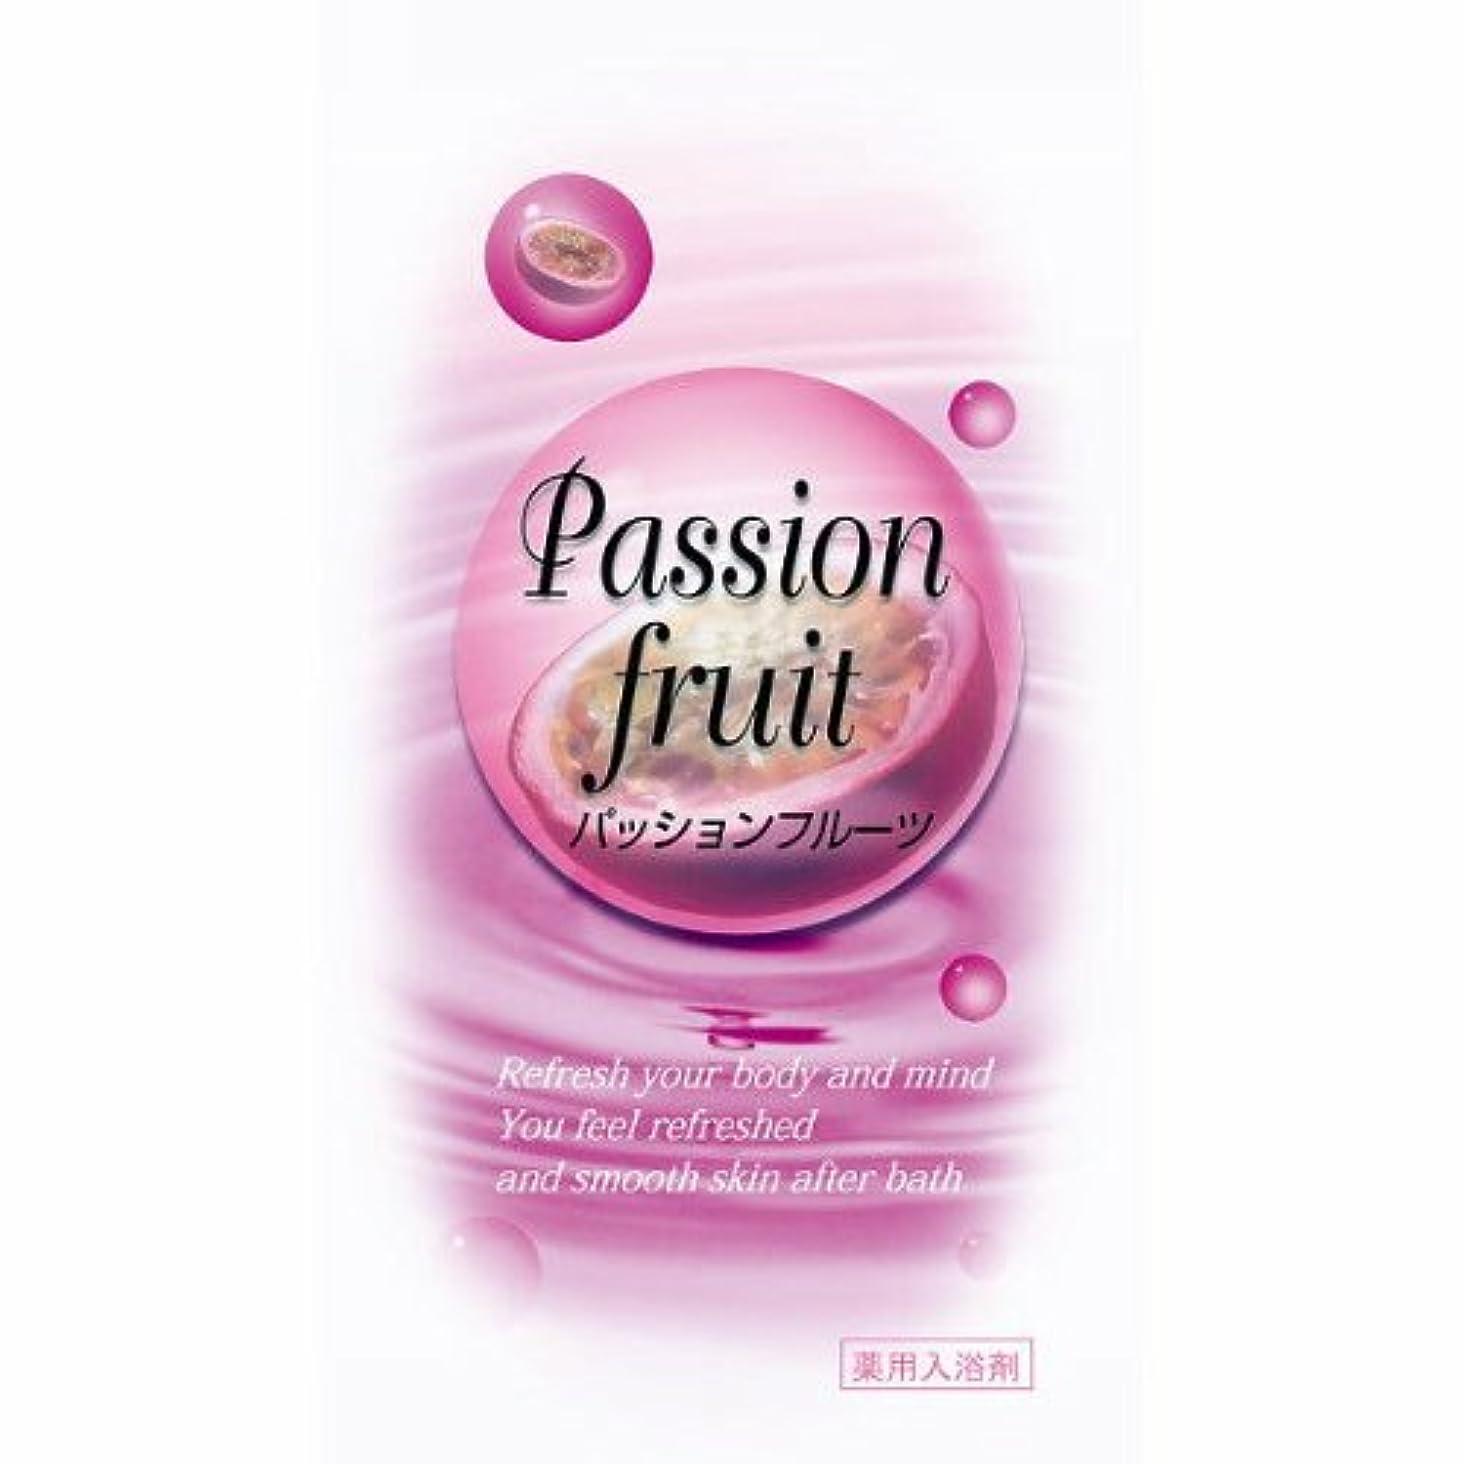 オズワルド直面する属性トプラン入浴剤 パッションフルーツの香り